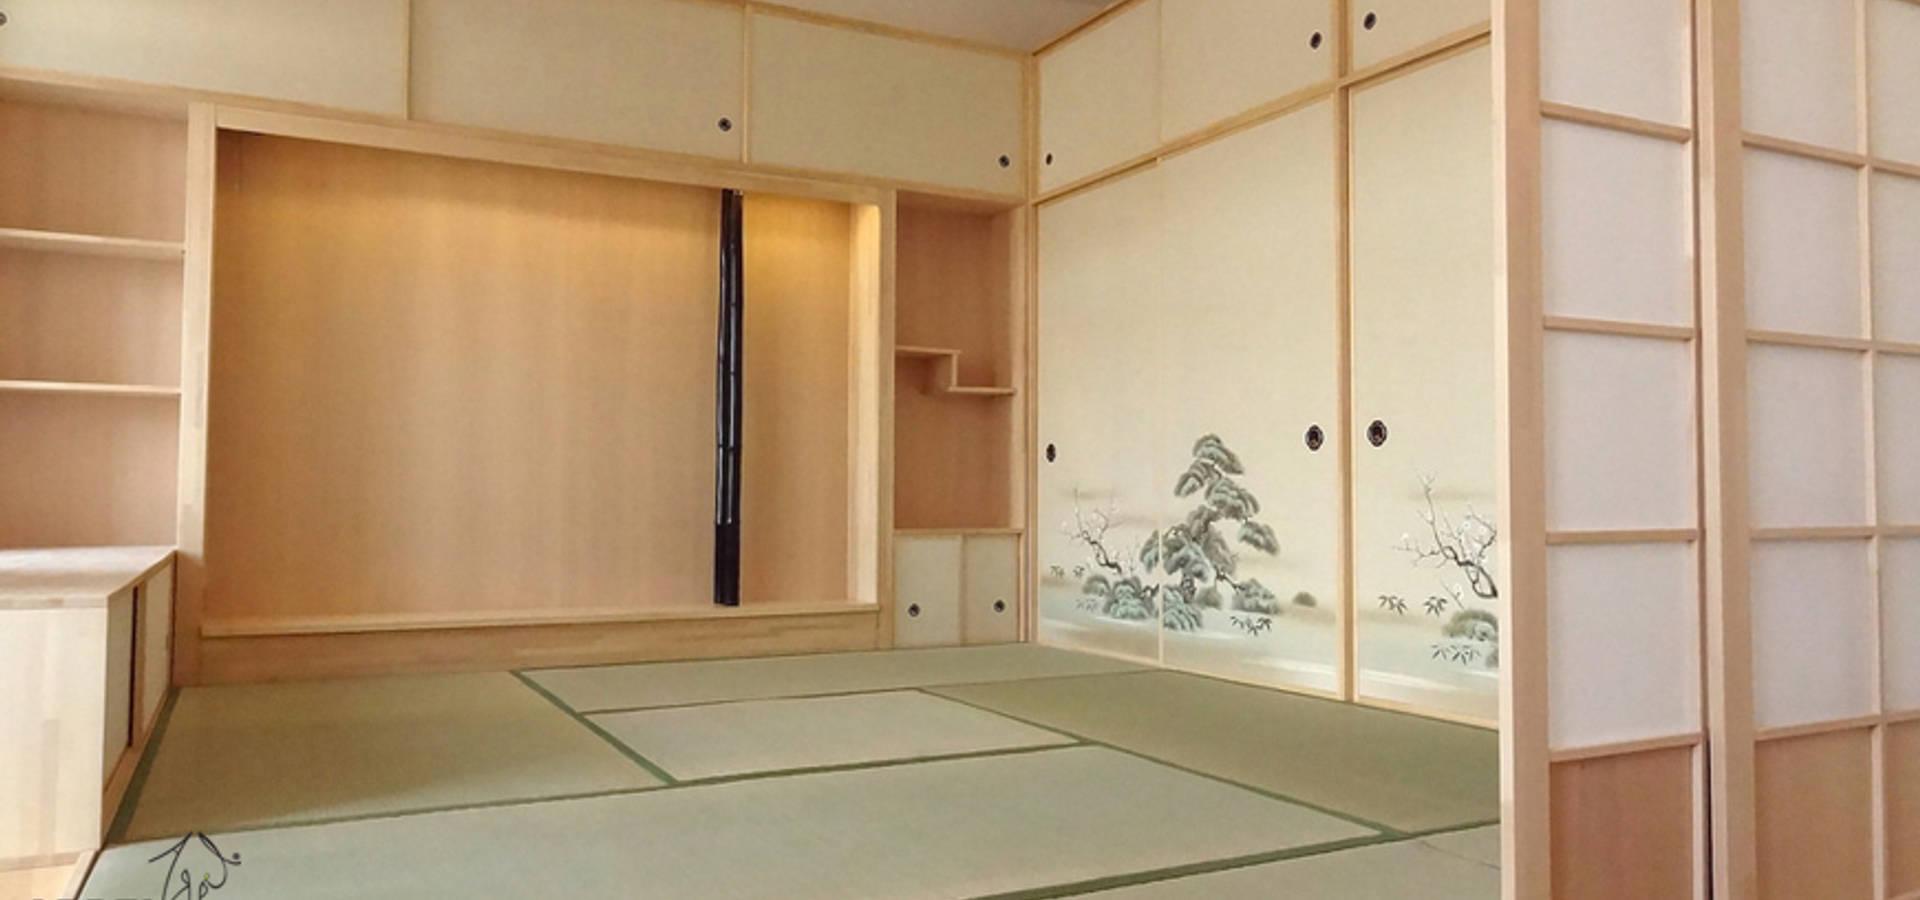 Camera Da Letto Giapponese camera da letto in stile giapponese shoji di arpel | homify